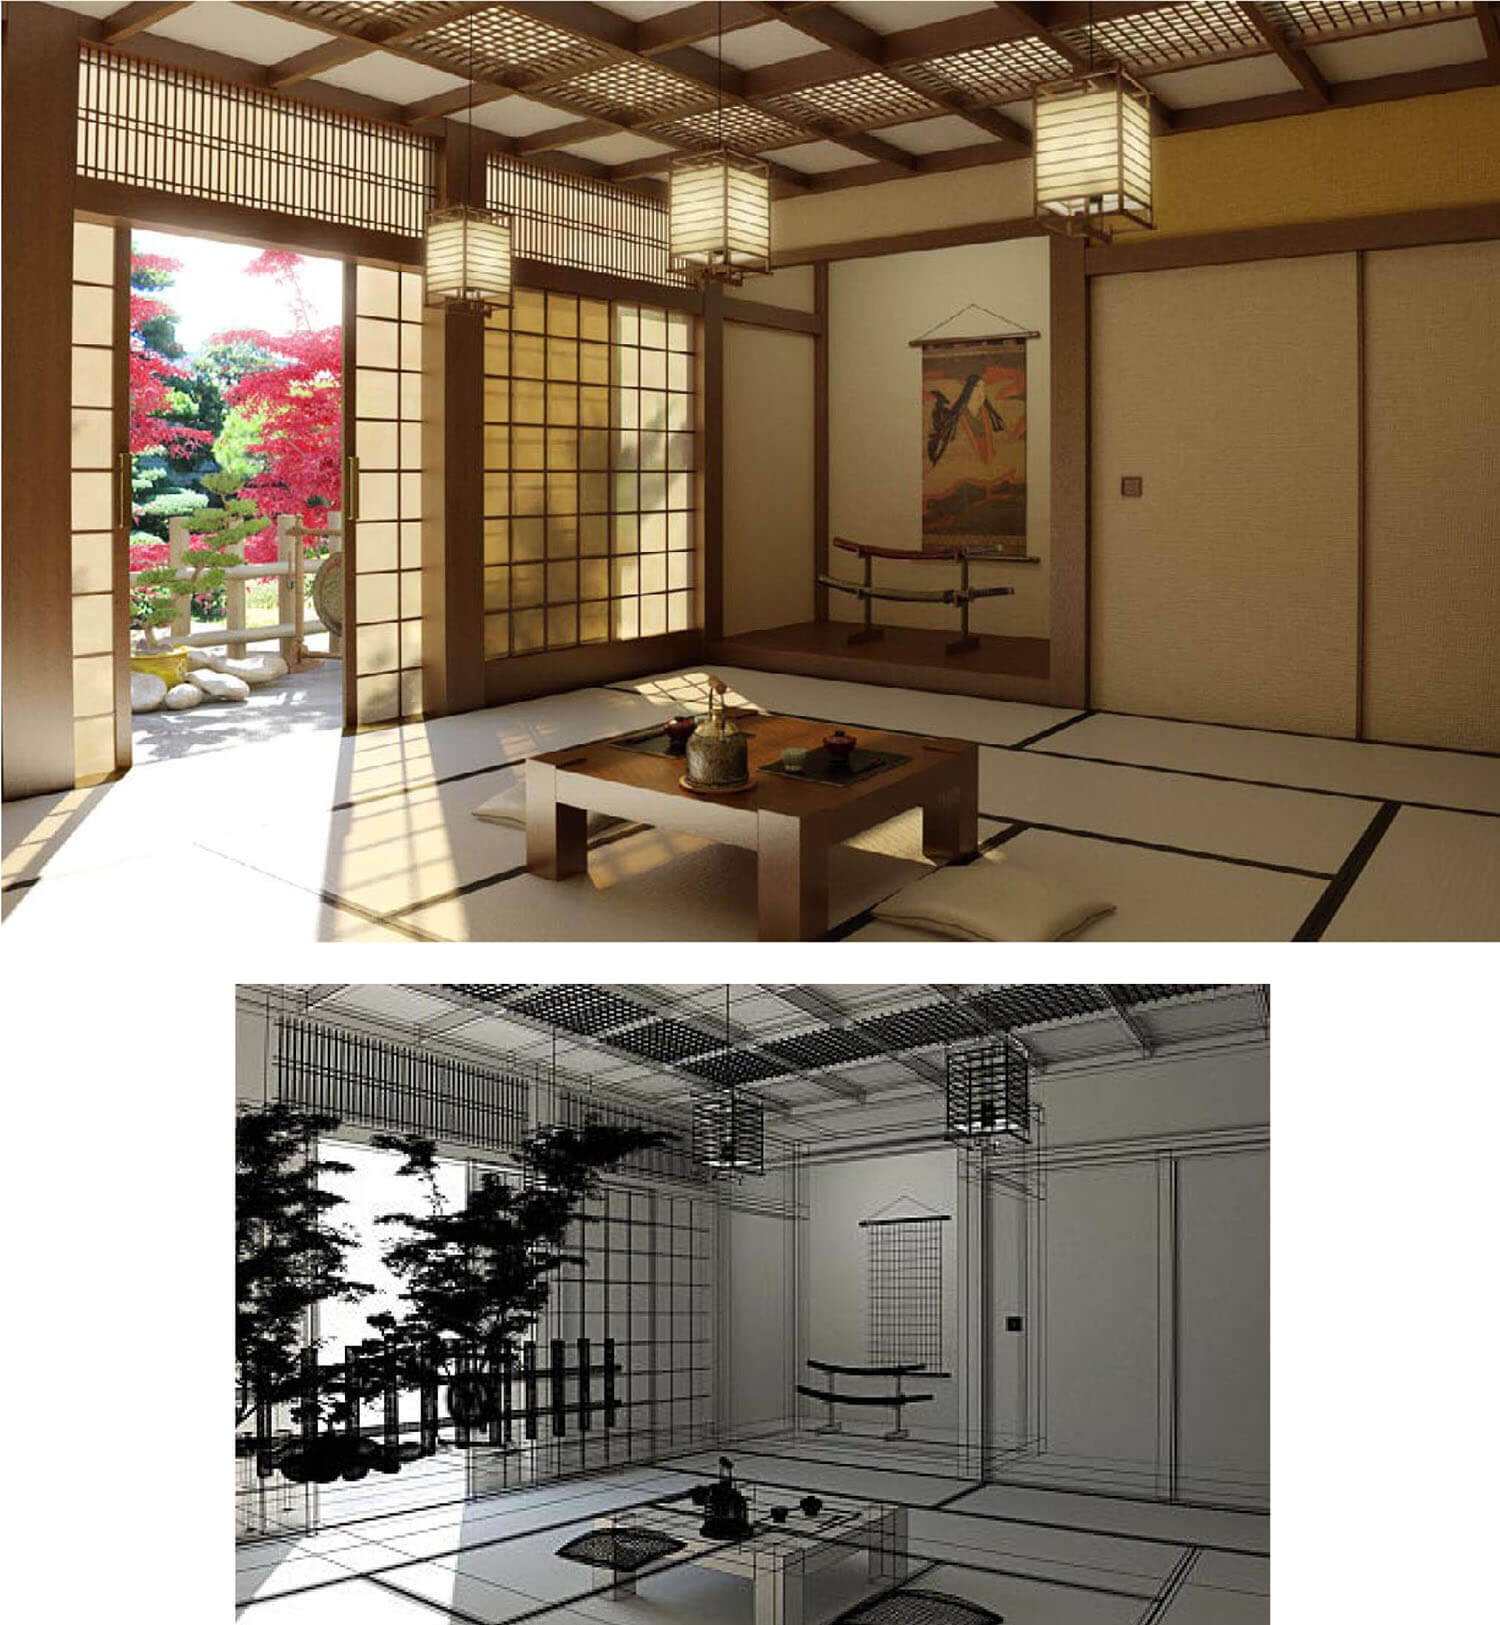 Mẫu thiết kế phòng khách đẹp kiểu Nhật bản đặc trưng với đèn lồng cửa kéo